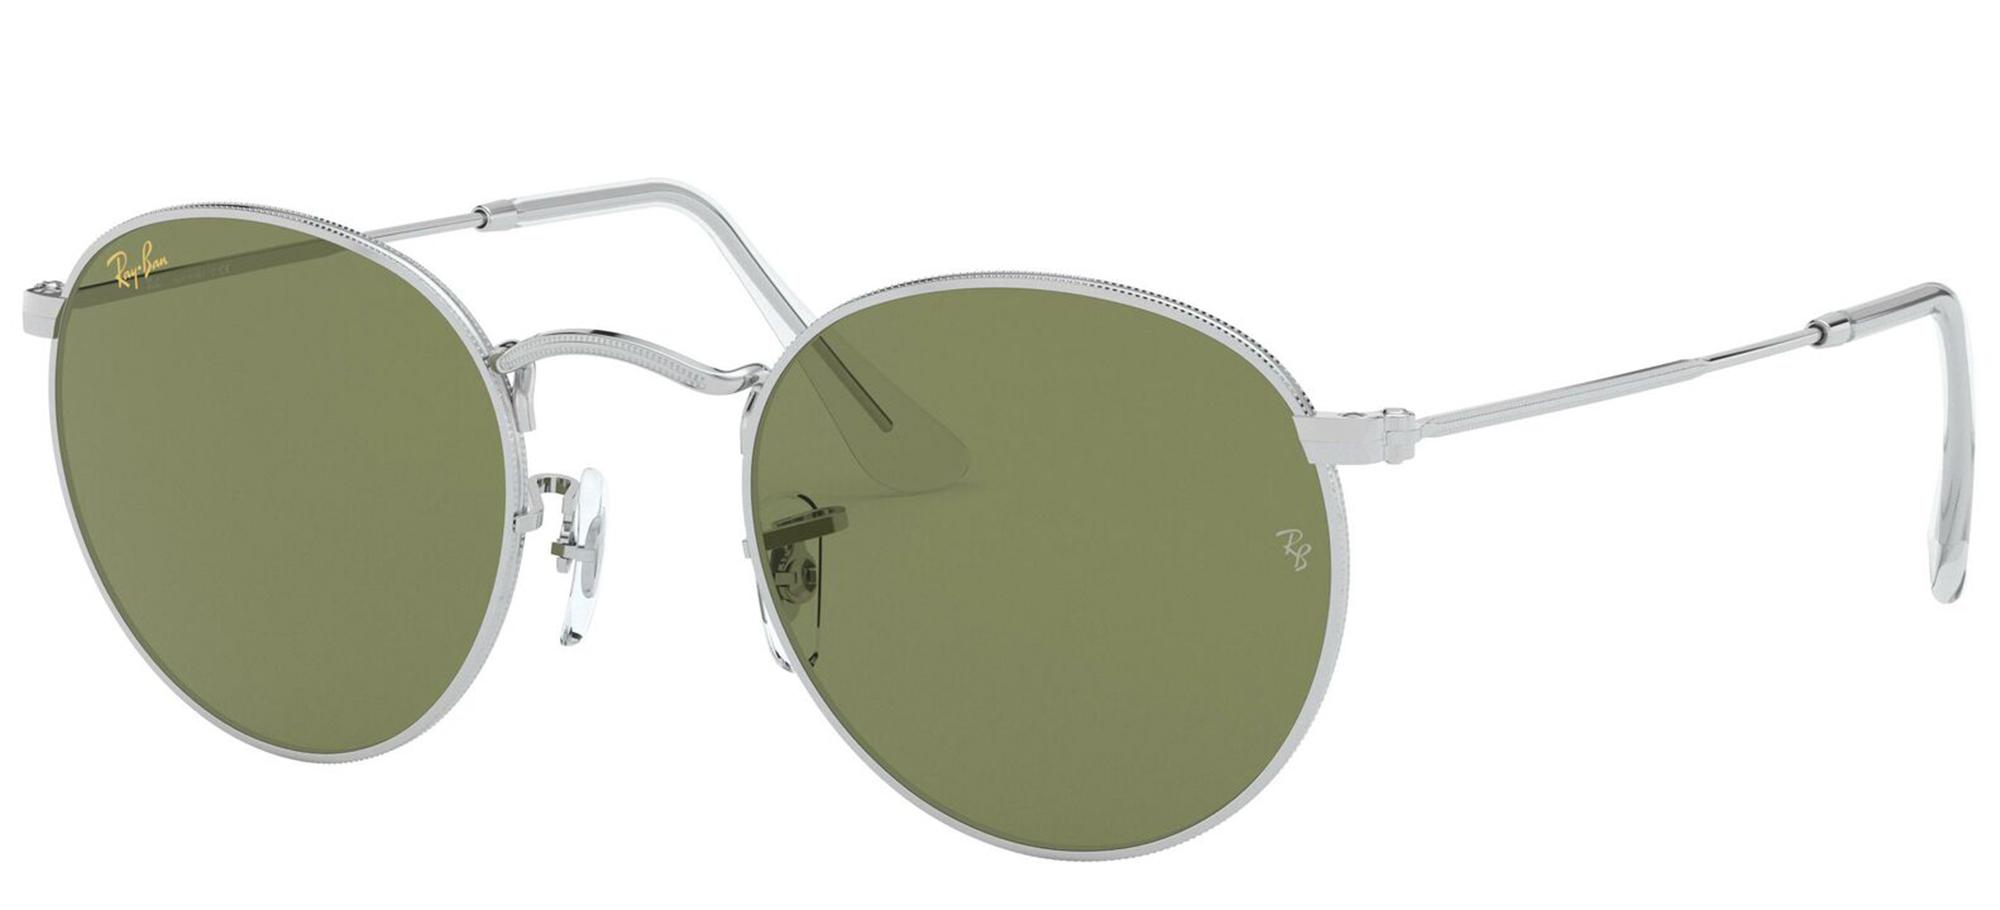 Ray-Ban 3447 Round Metal Prescription Sunglasses